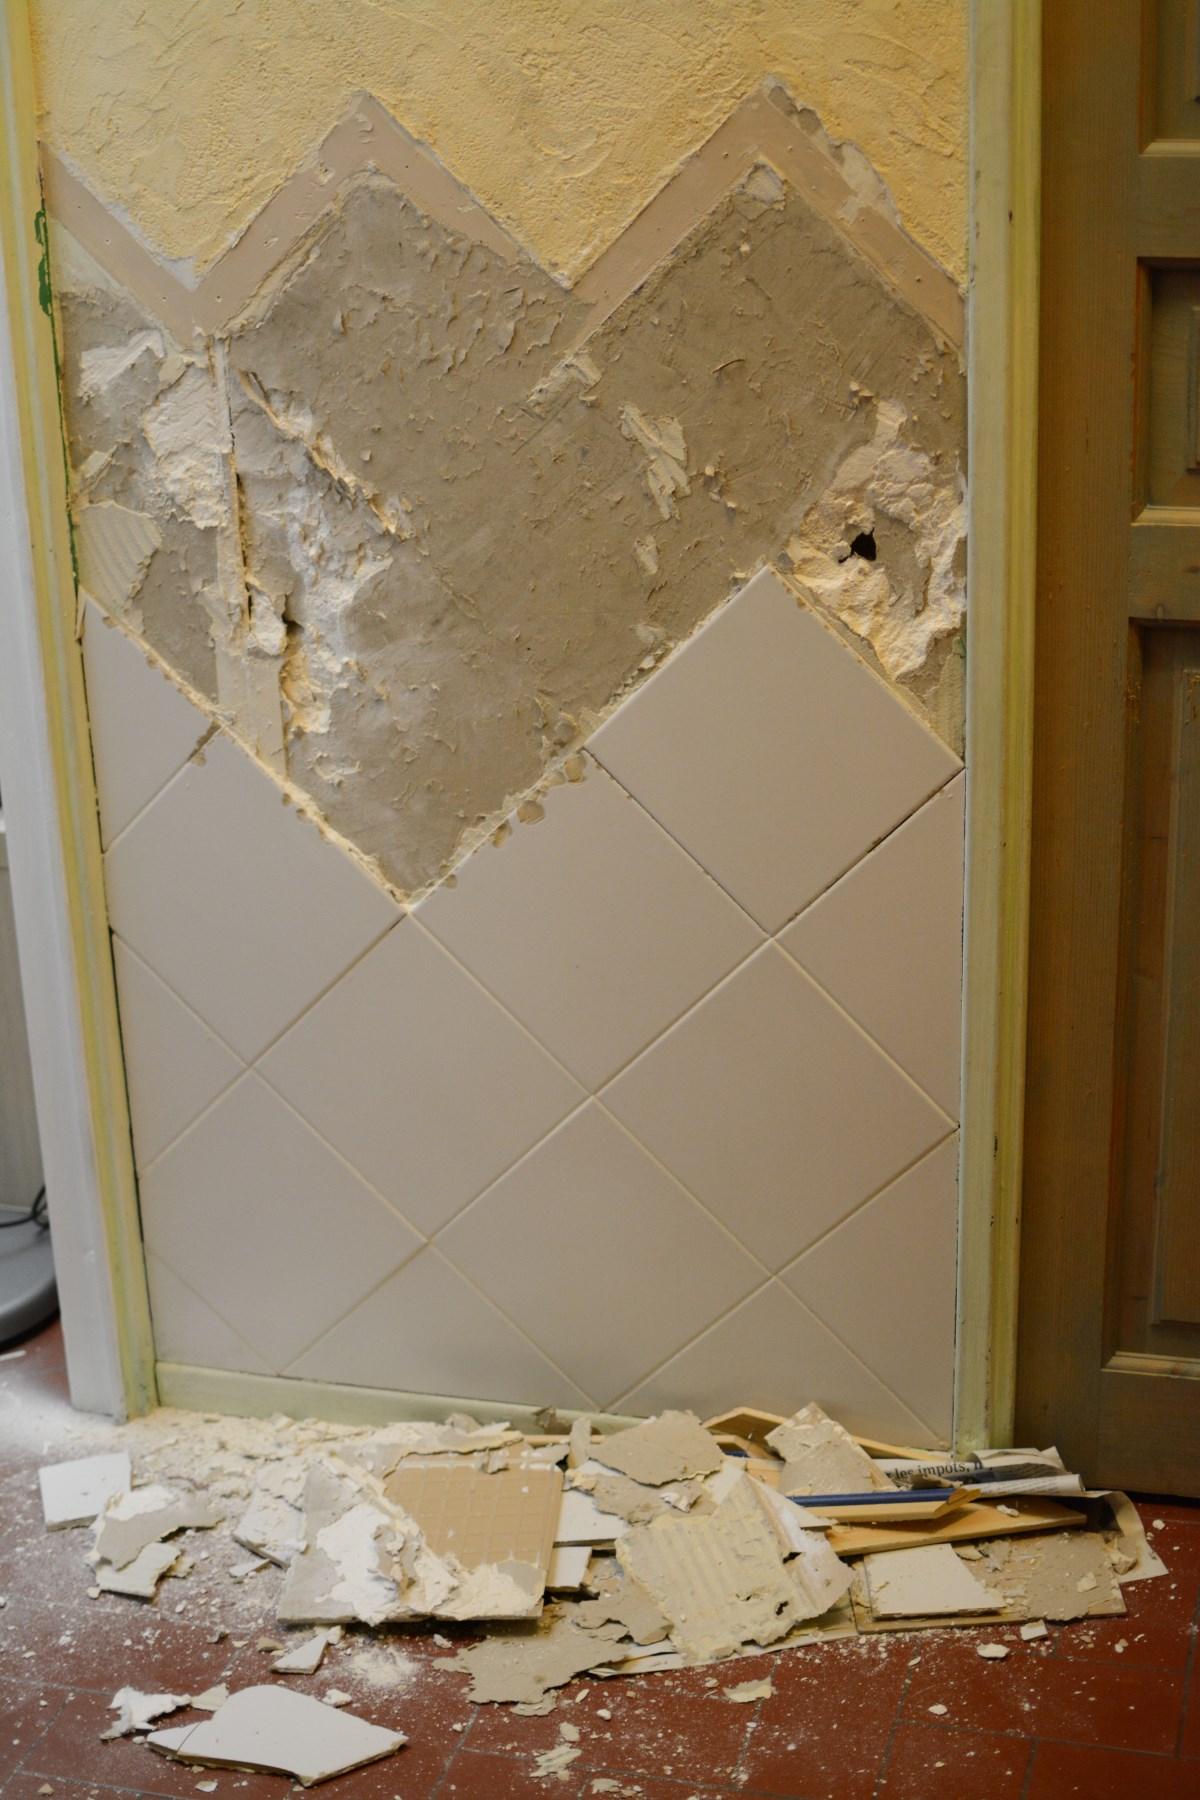 Enlever Du Carrelage Mural Sur Du Placo réparation placoplatre suite arrachement du carrel